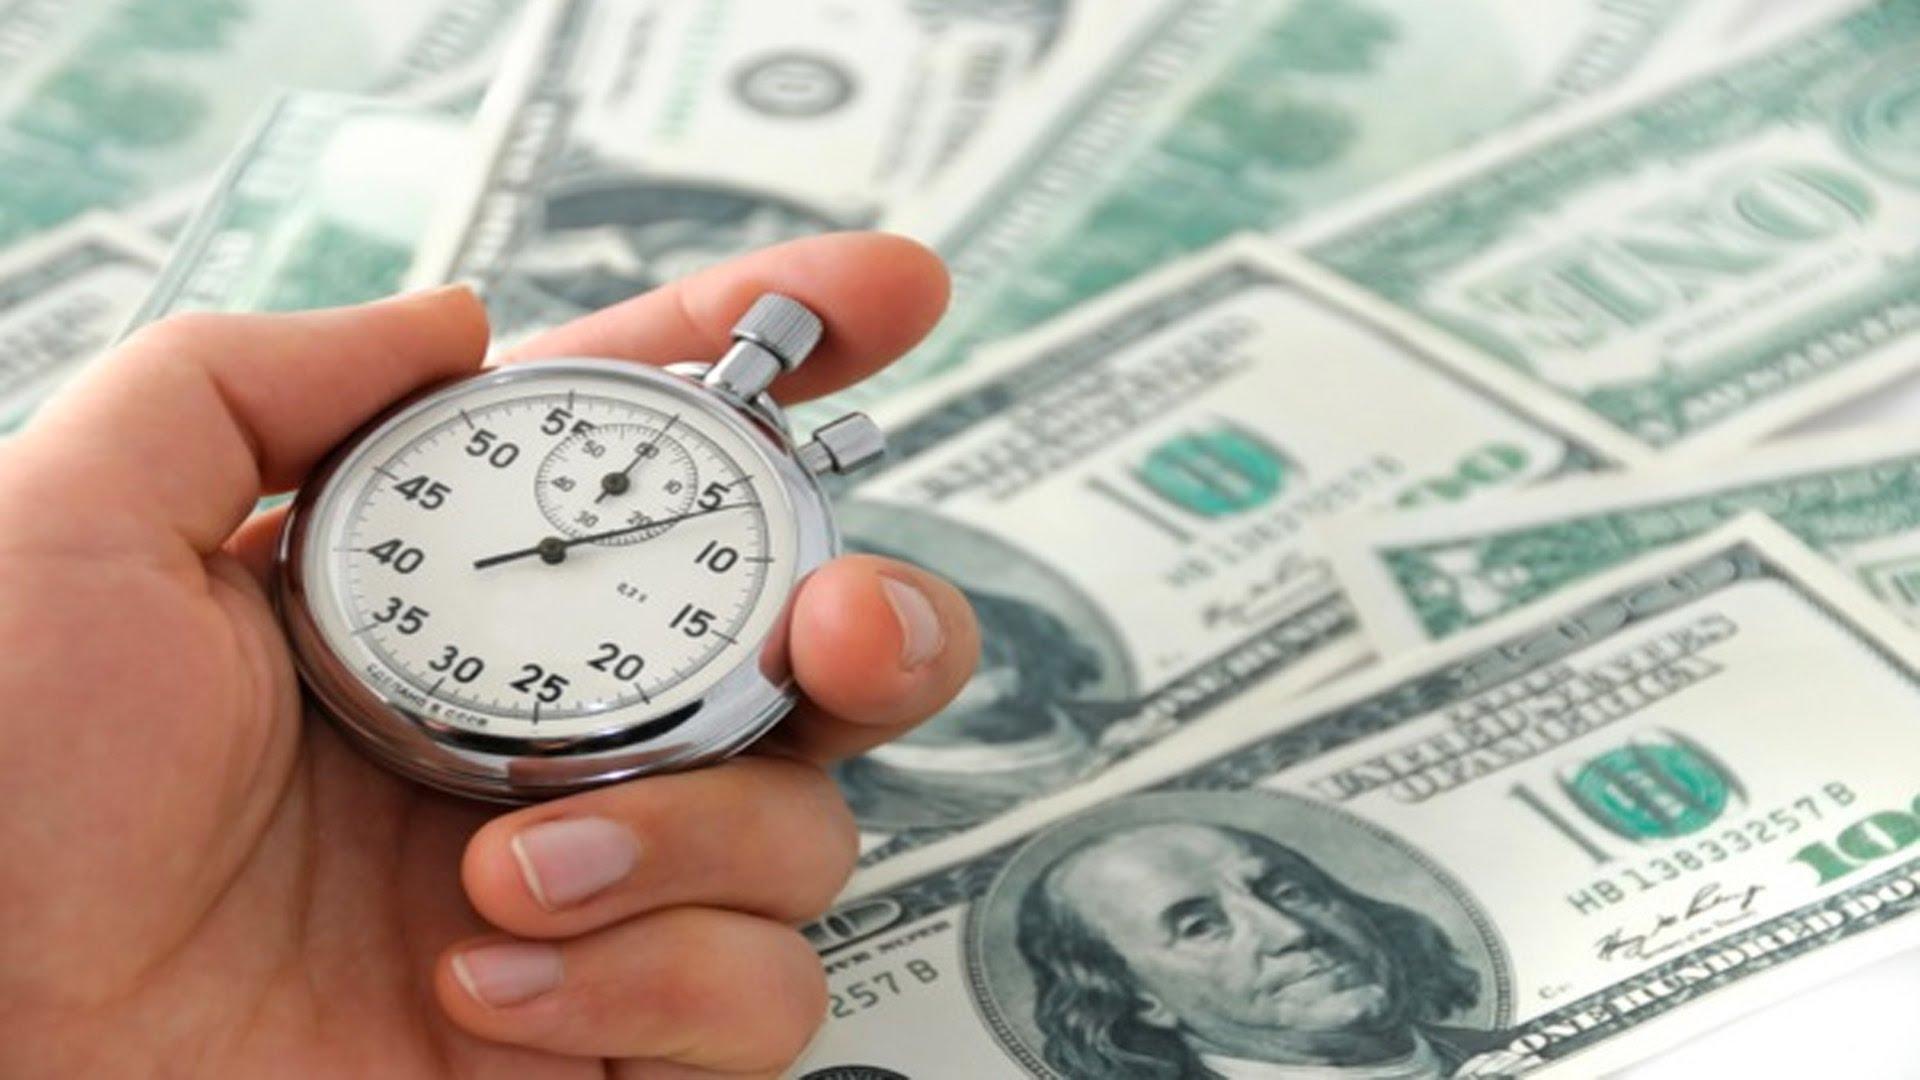 Бесплатный онлайн-марафон: Первые шаги инвестора 3.0